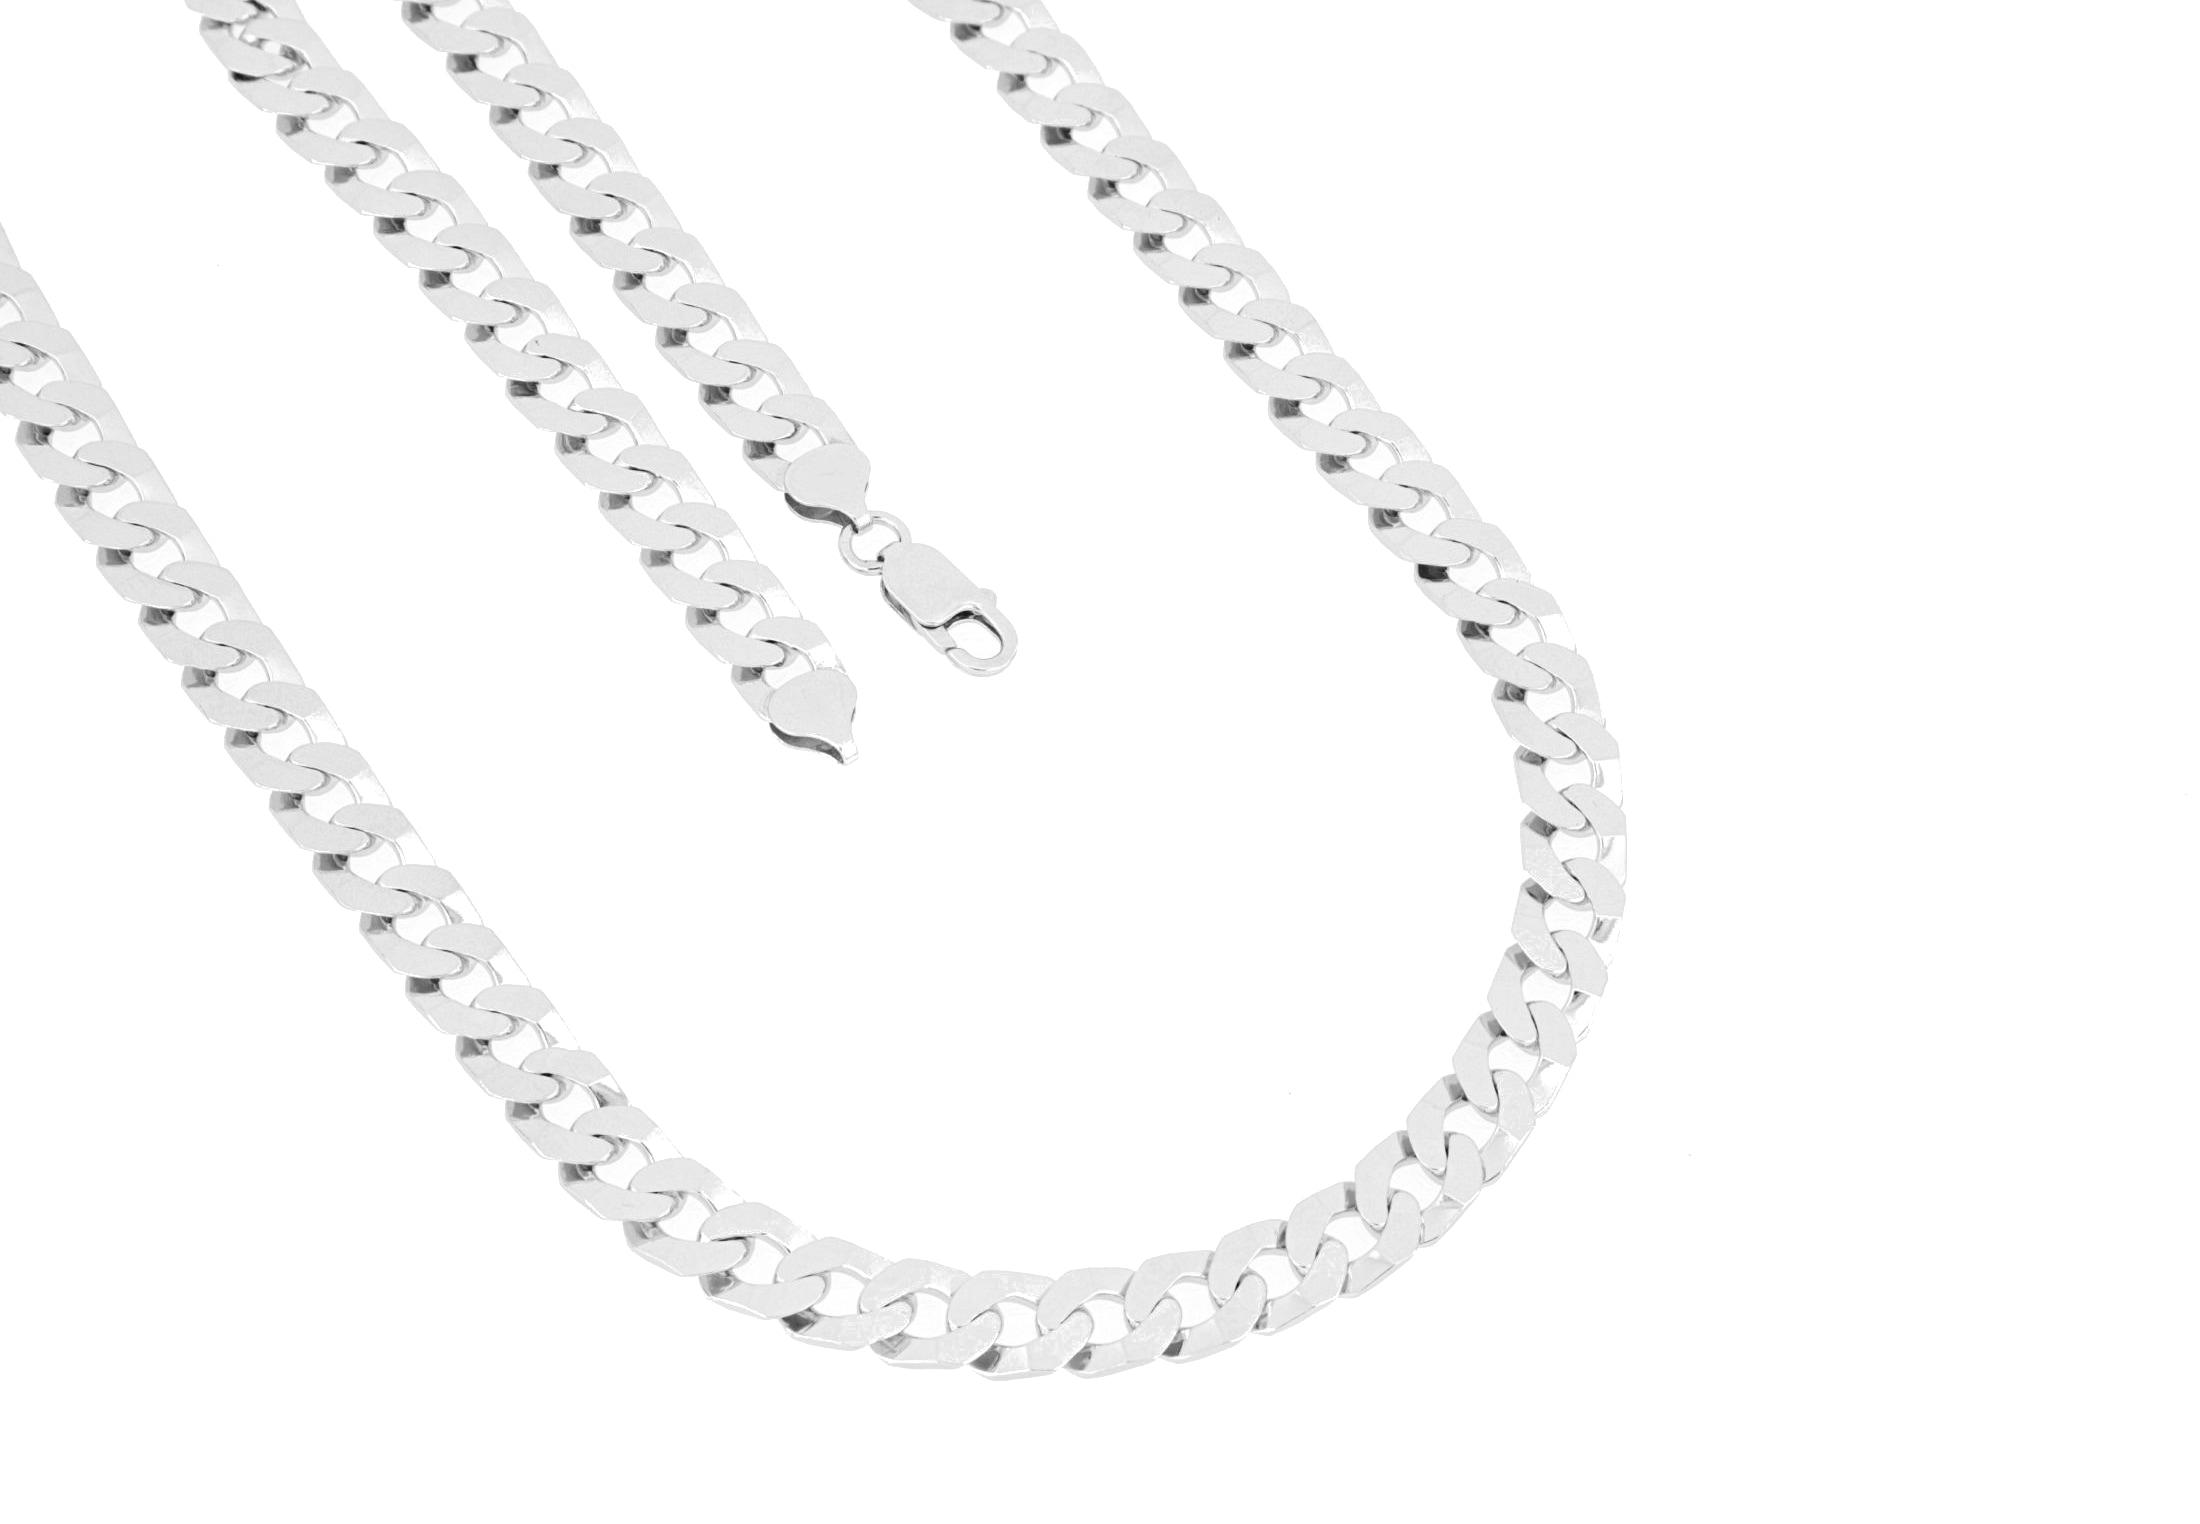 La Piora Armband »Panzerkette«, 4-fach diamantiert, 925/- Sterlingsilber rh günstig online kaufen